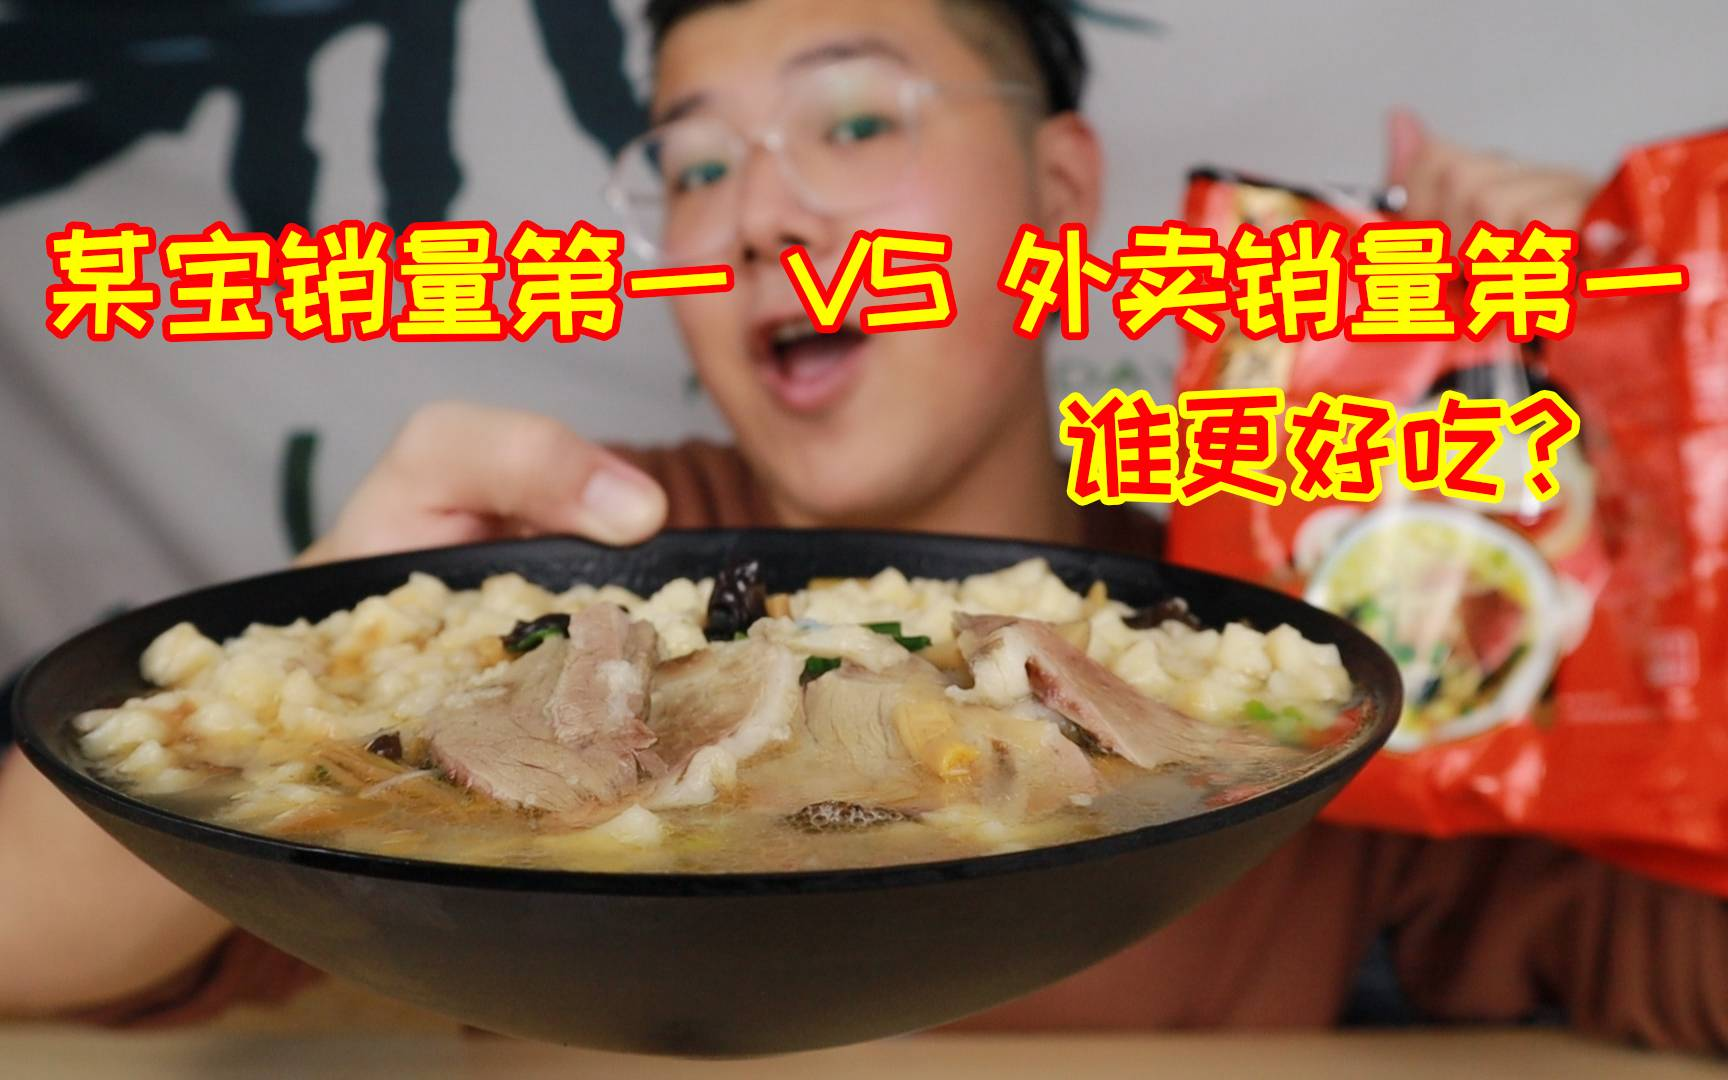 同样是羊肉泡馍,某宝销量第一对比外卖销量第一,谁更好吃?